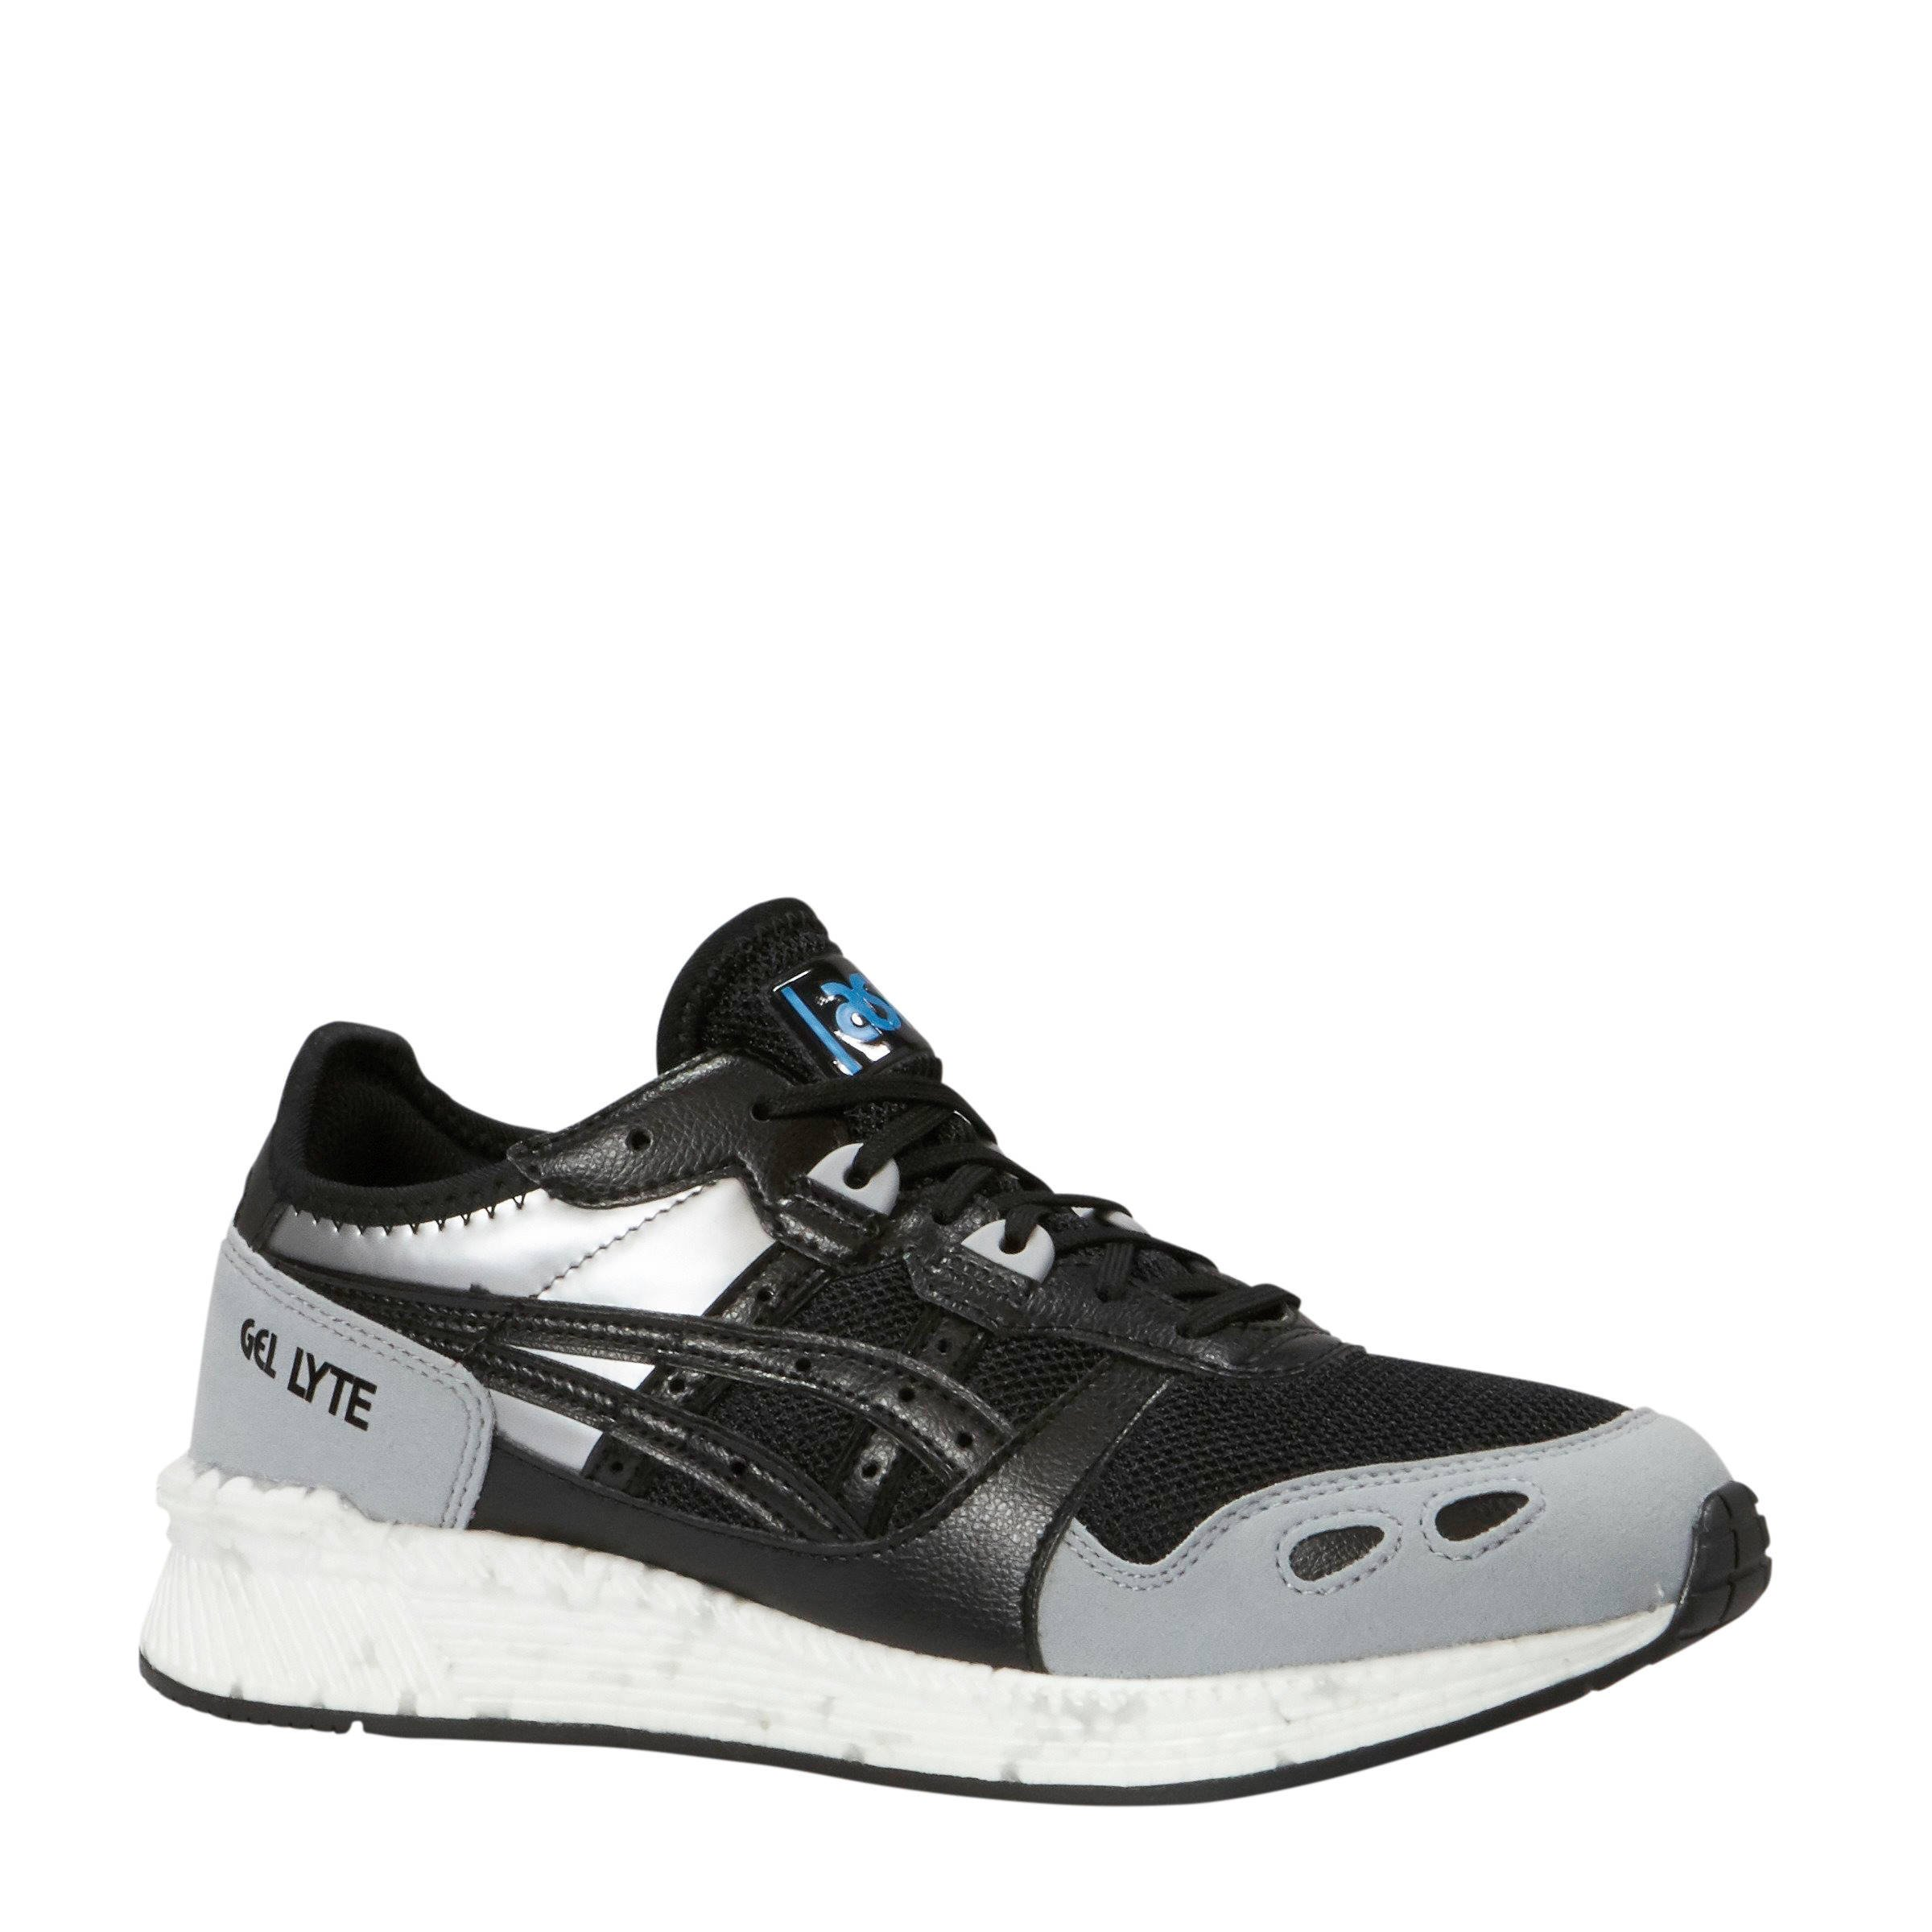 Vanaf Sneakers 20 Asics Bij Wehkamp Bezorging Heren Gratis 1gqF7